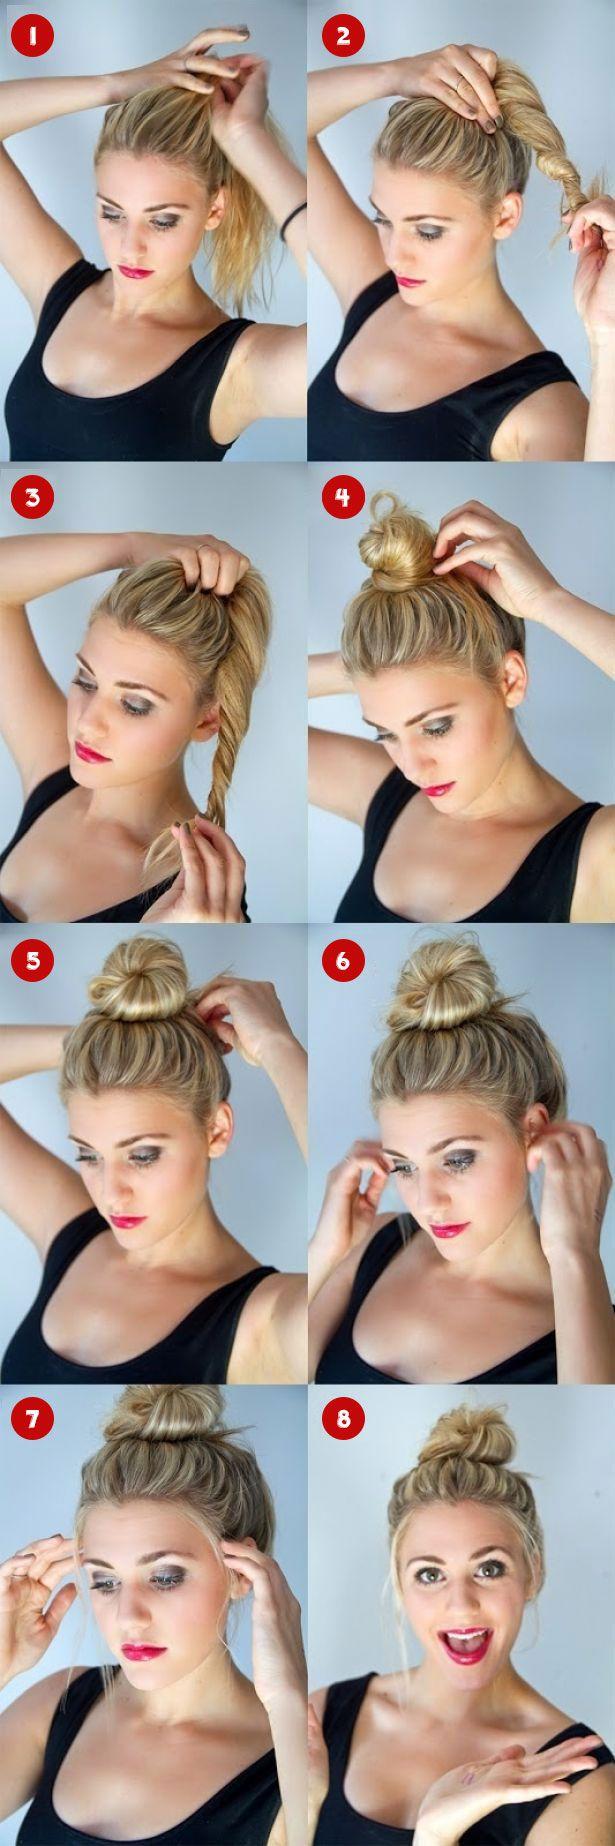 Como hacer un peinado con rodete casual paso a paso | Decoración de Uñas - Manicura y Nail Art